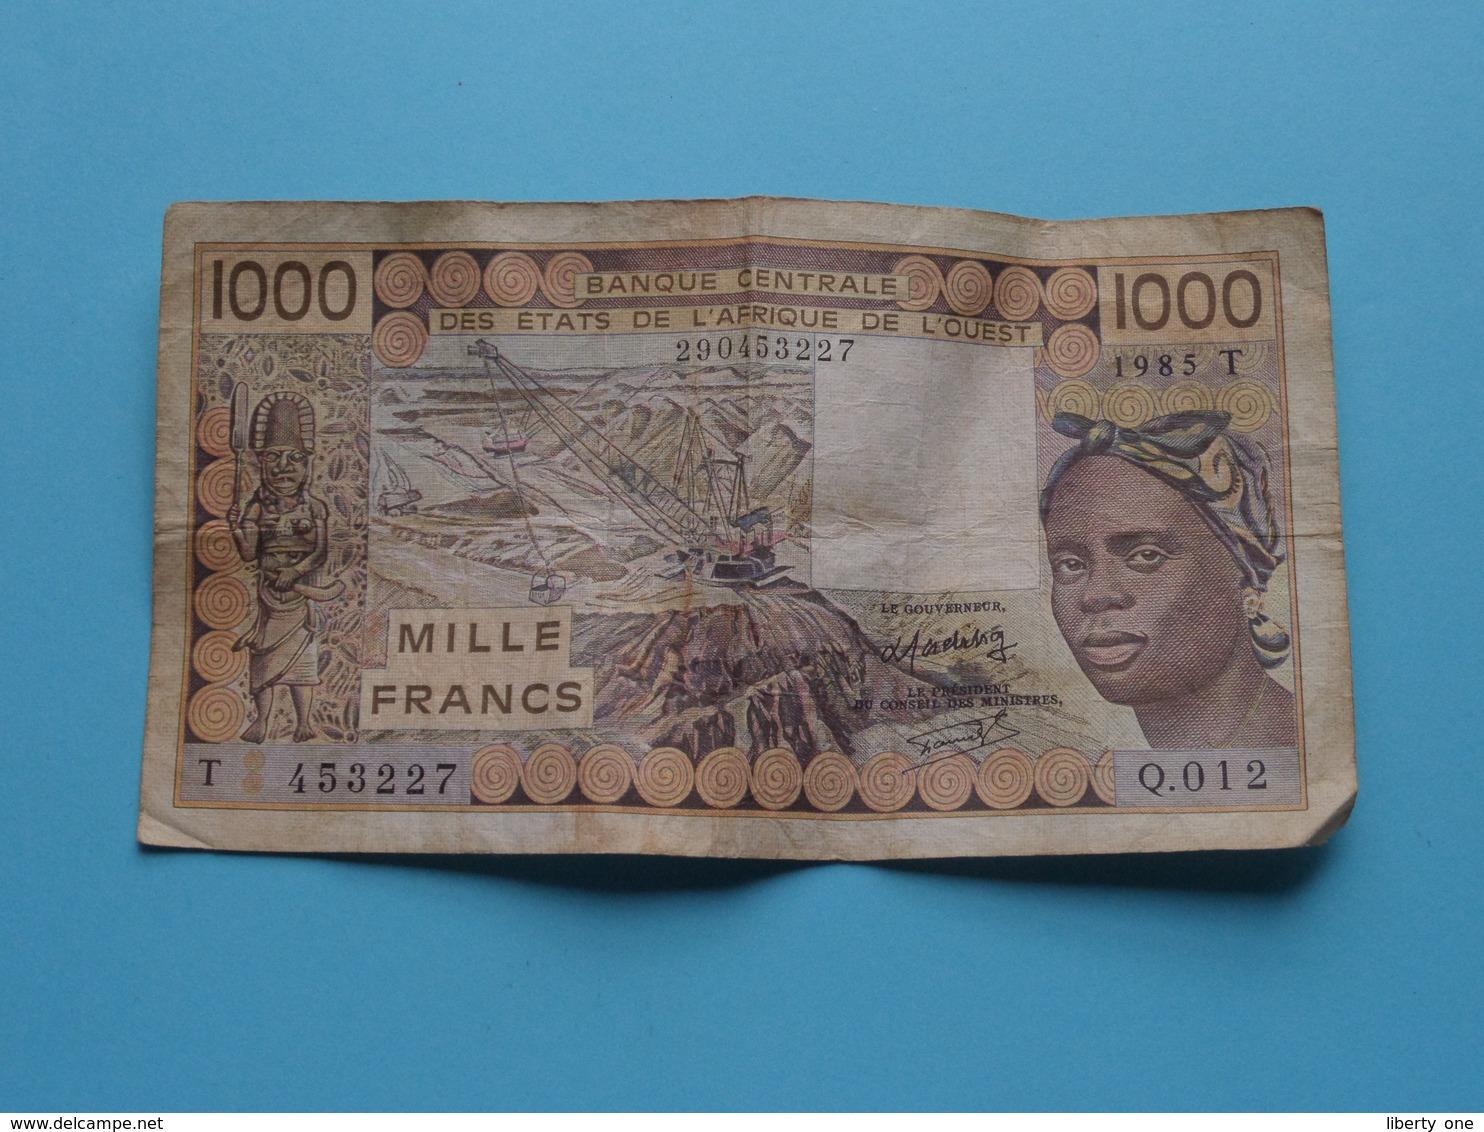 1000 ( Mille ) FRANCS Banque Centrale Des Etats De L'AFRIQUE De L'OUEST 290453227 ( T 453227 - 1985 ) ! - West African States